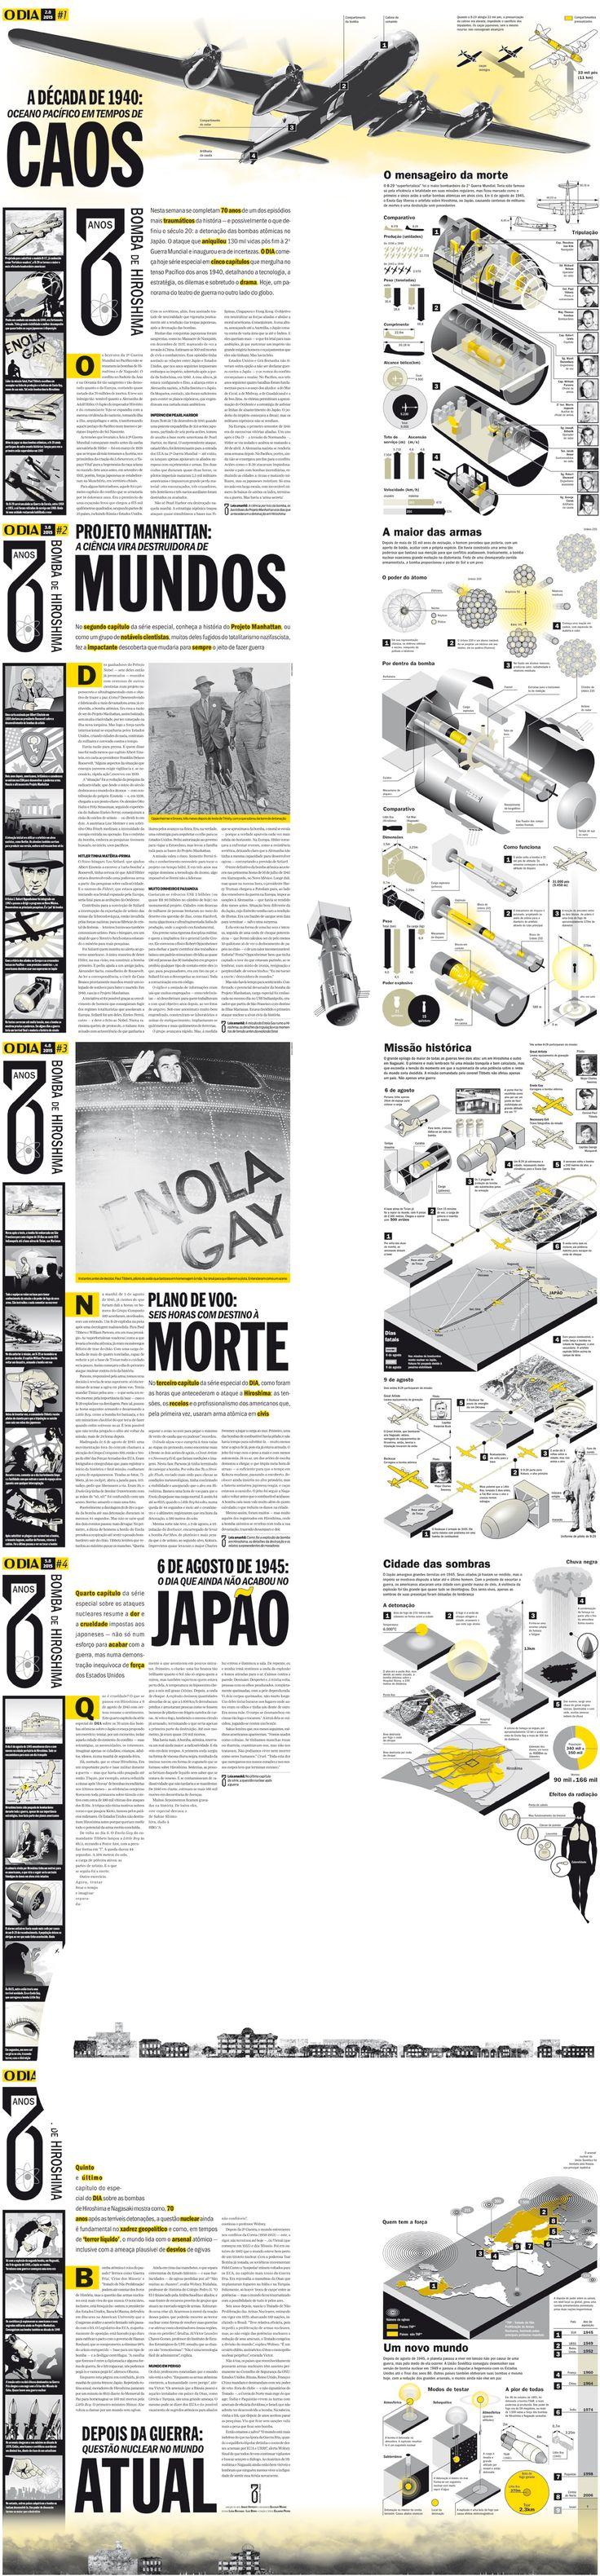 This is Visual Journalism [130] - Visualoop